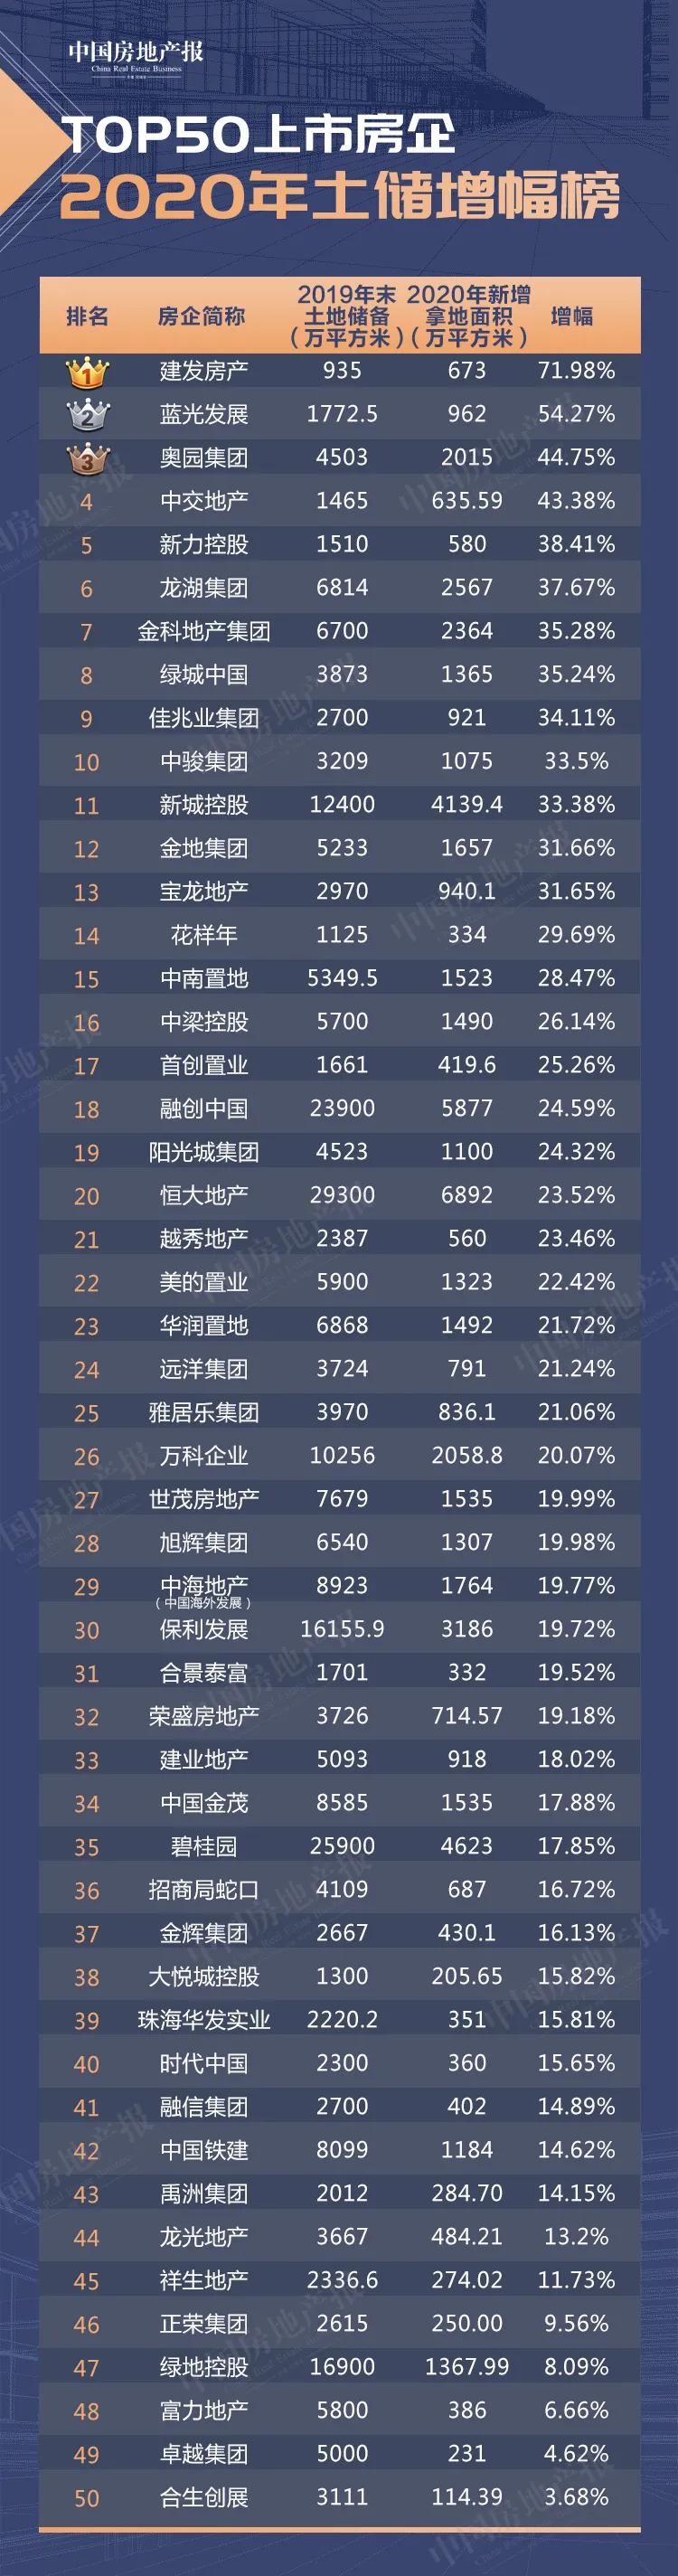 新拿6.75亿平方米!TOP50上市房企2020年抢地大透视